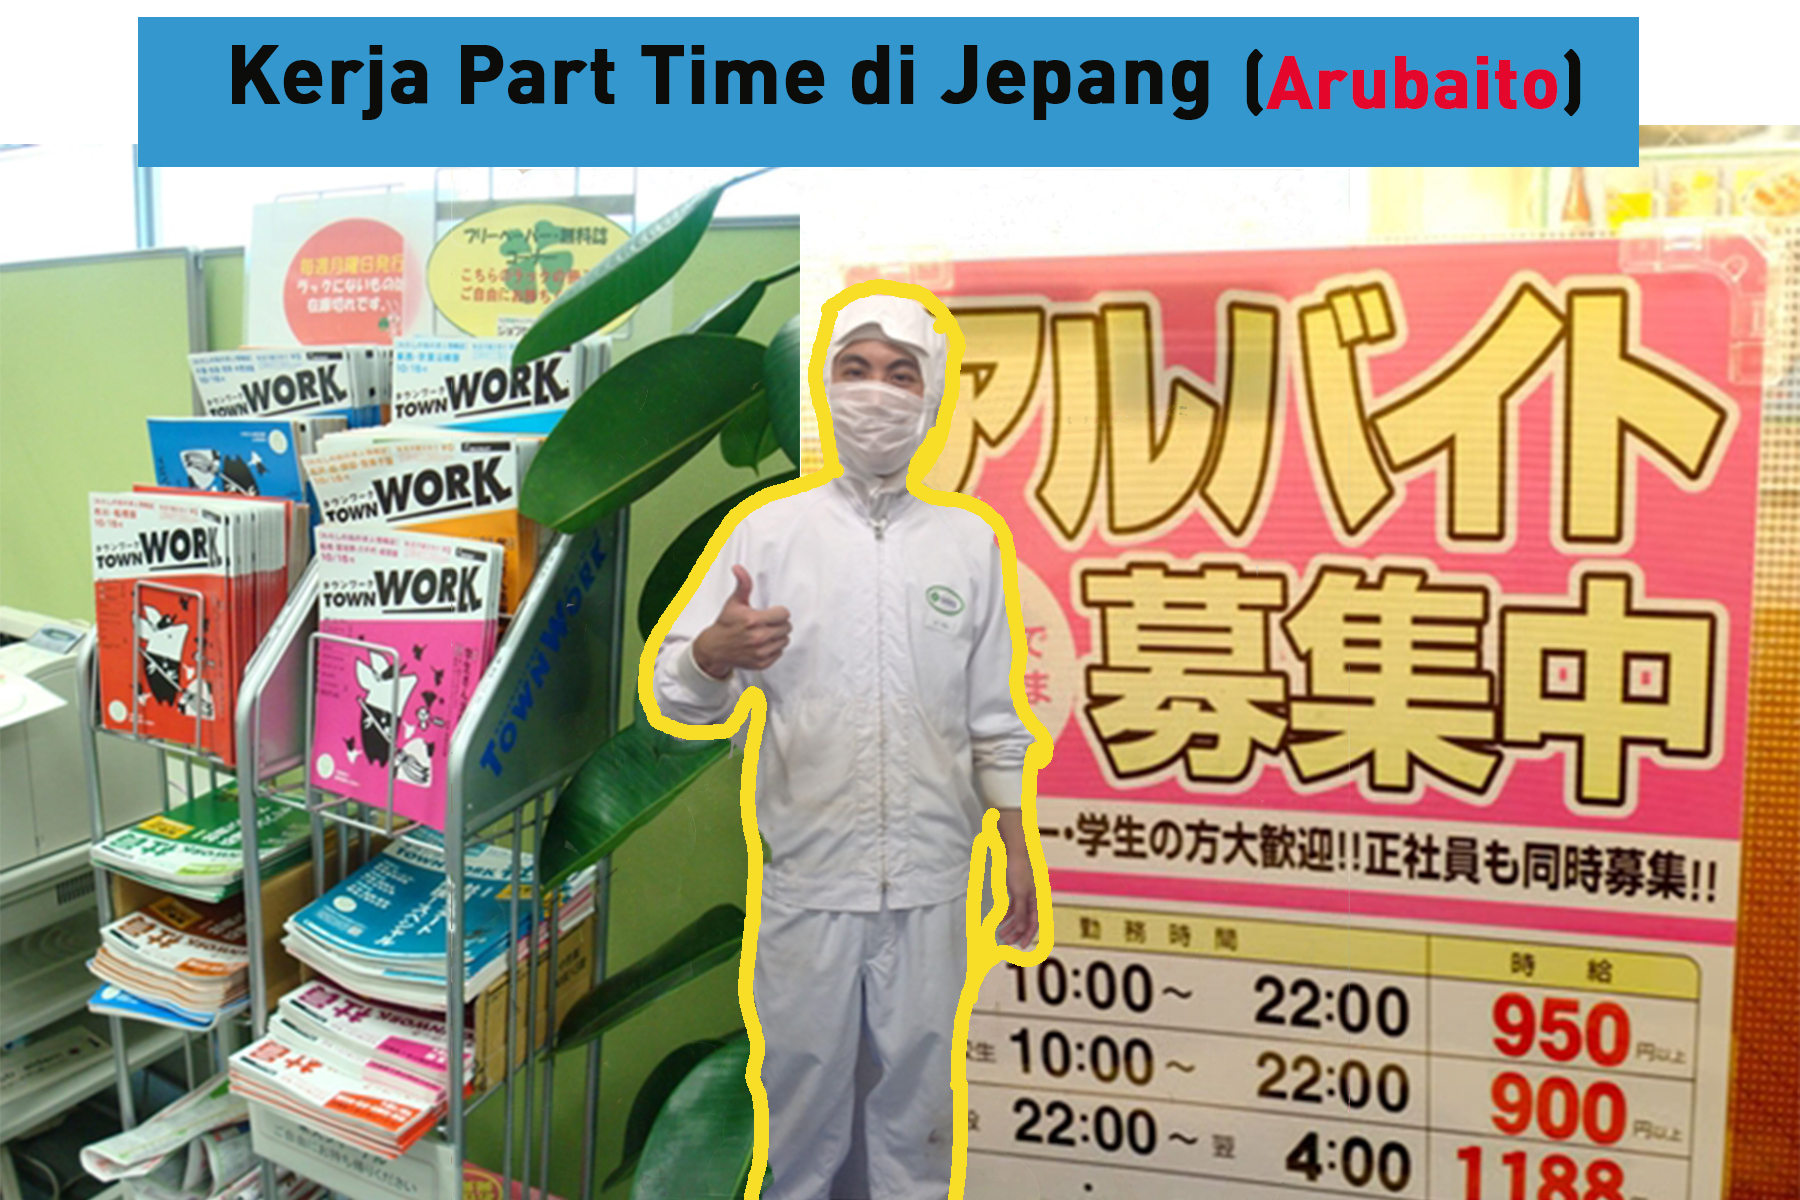 Kerja Part Time di Jepang (Arubaito)